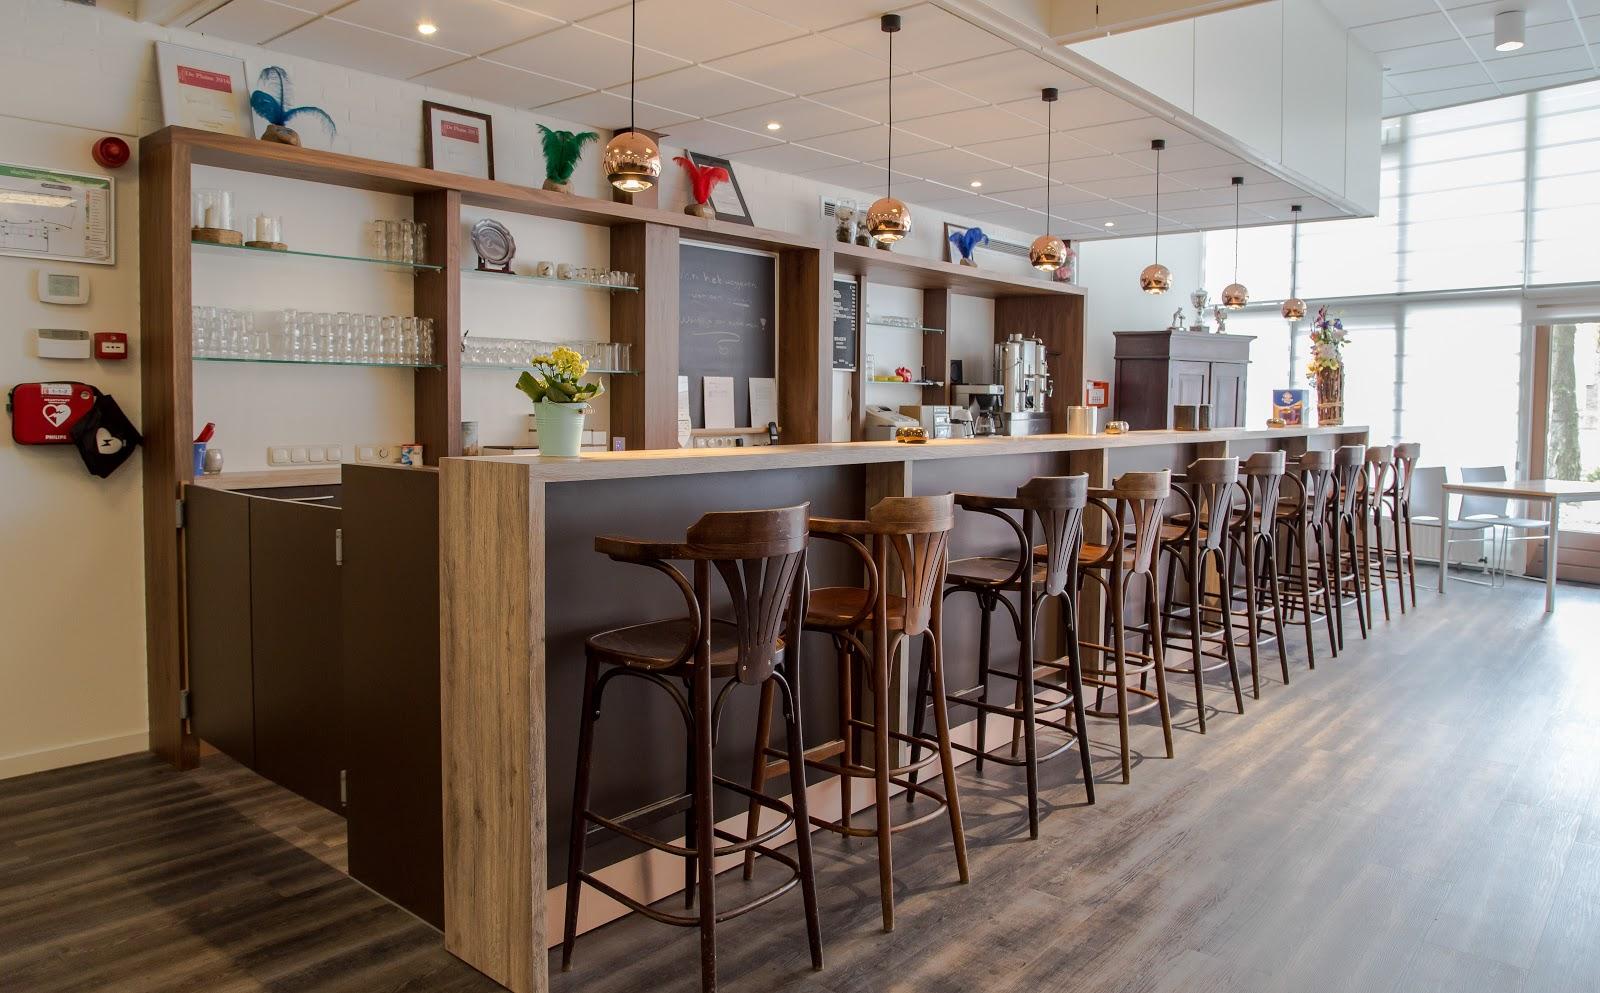 Buurthuis de Badde Nieuw-Weerdinge: Buffet / Bar